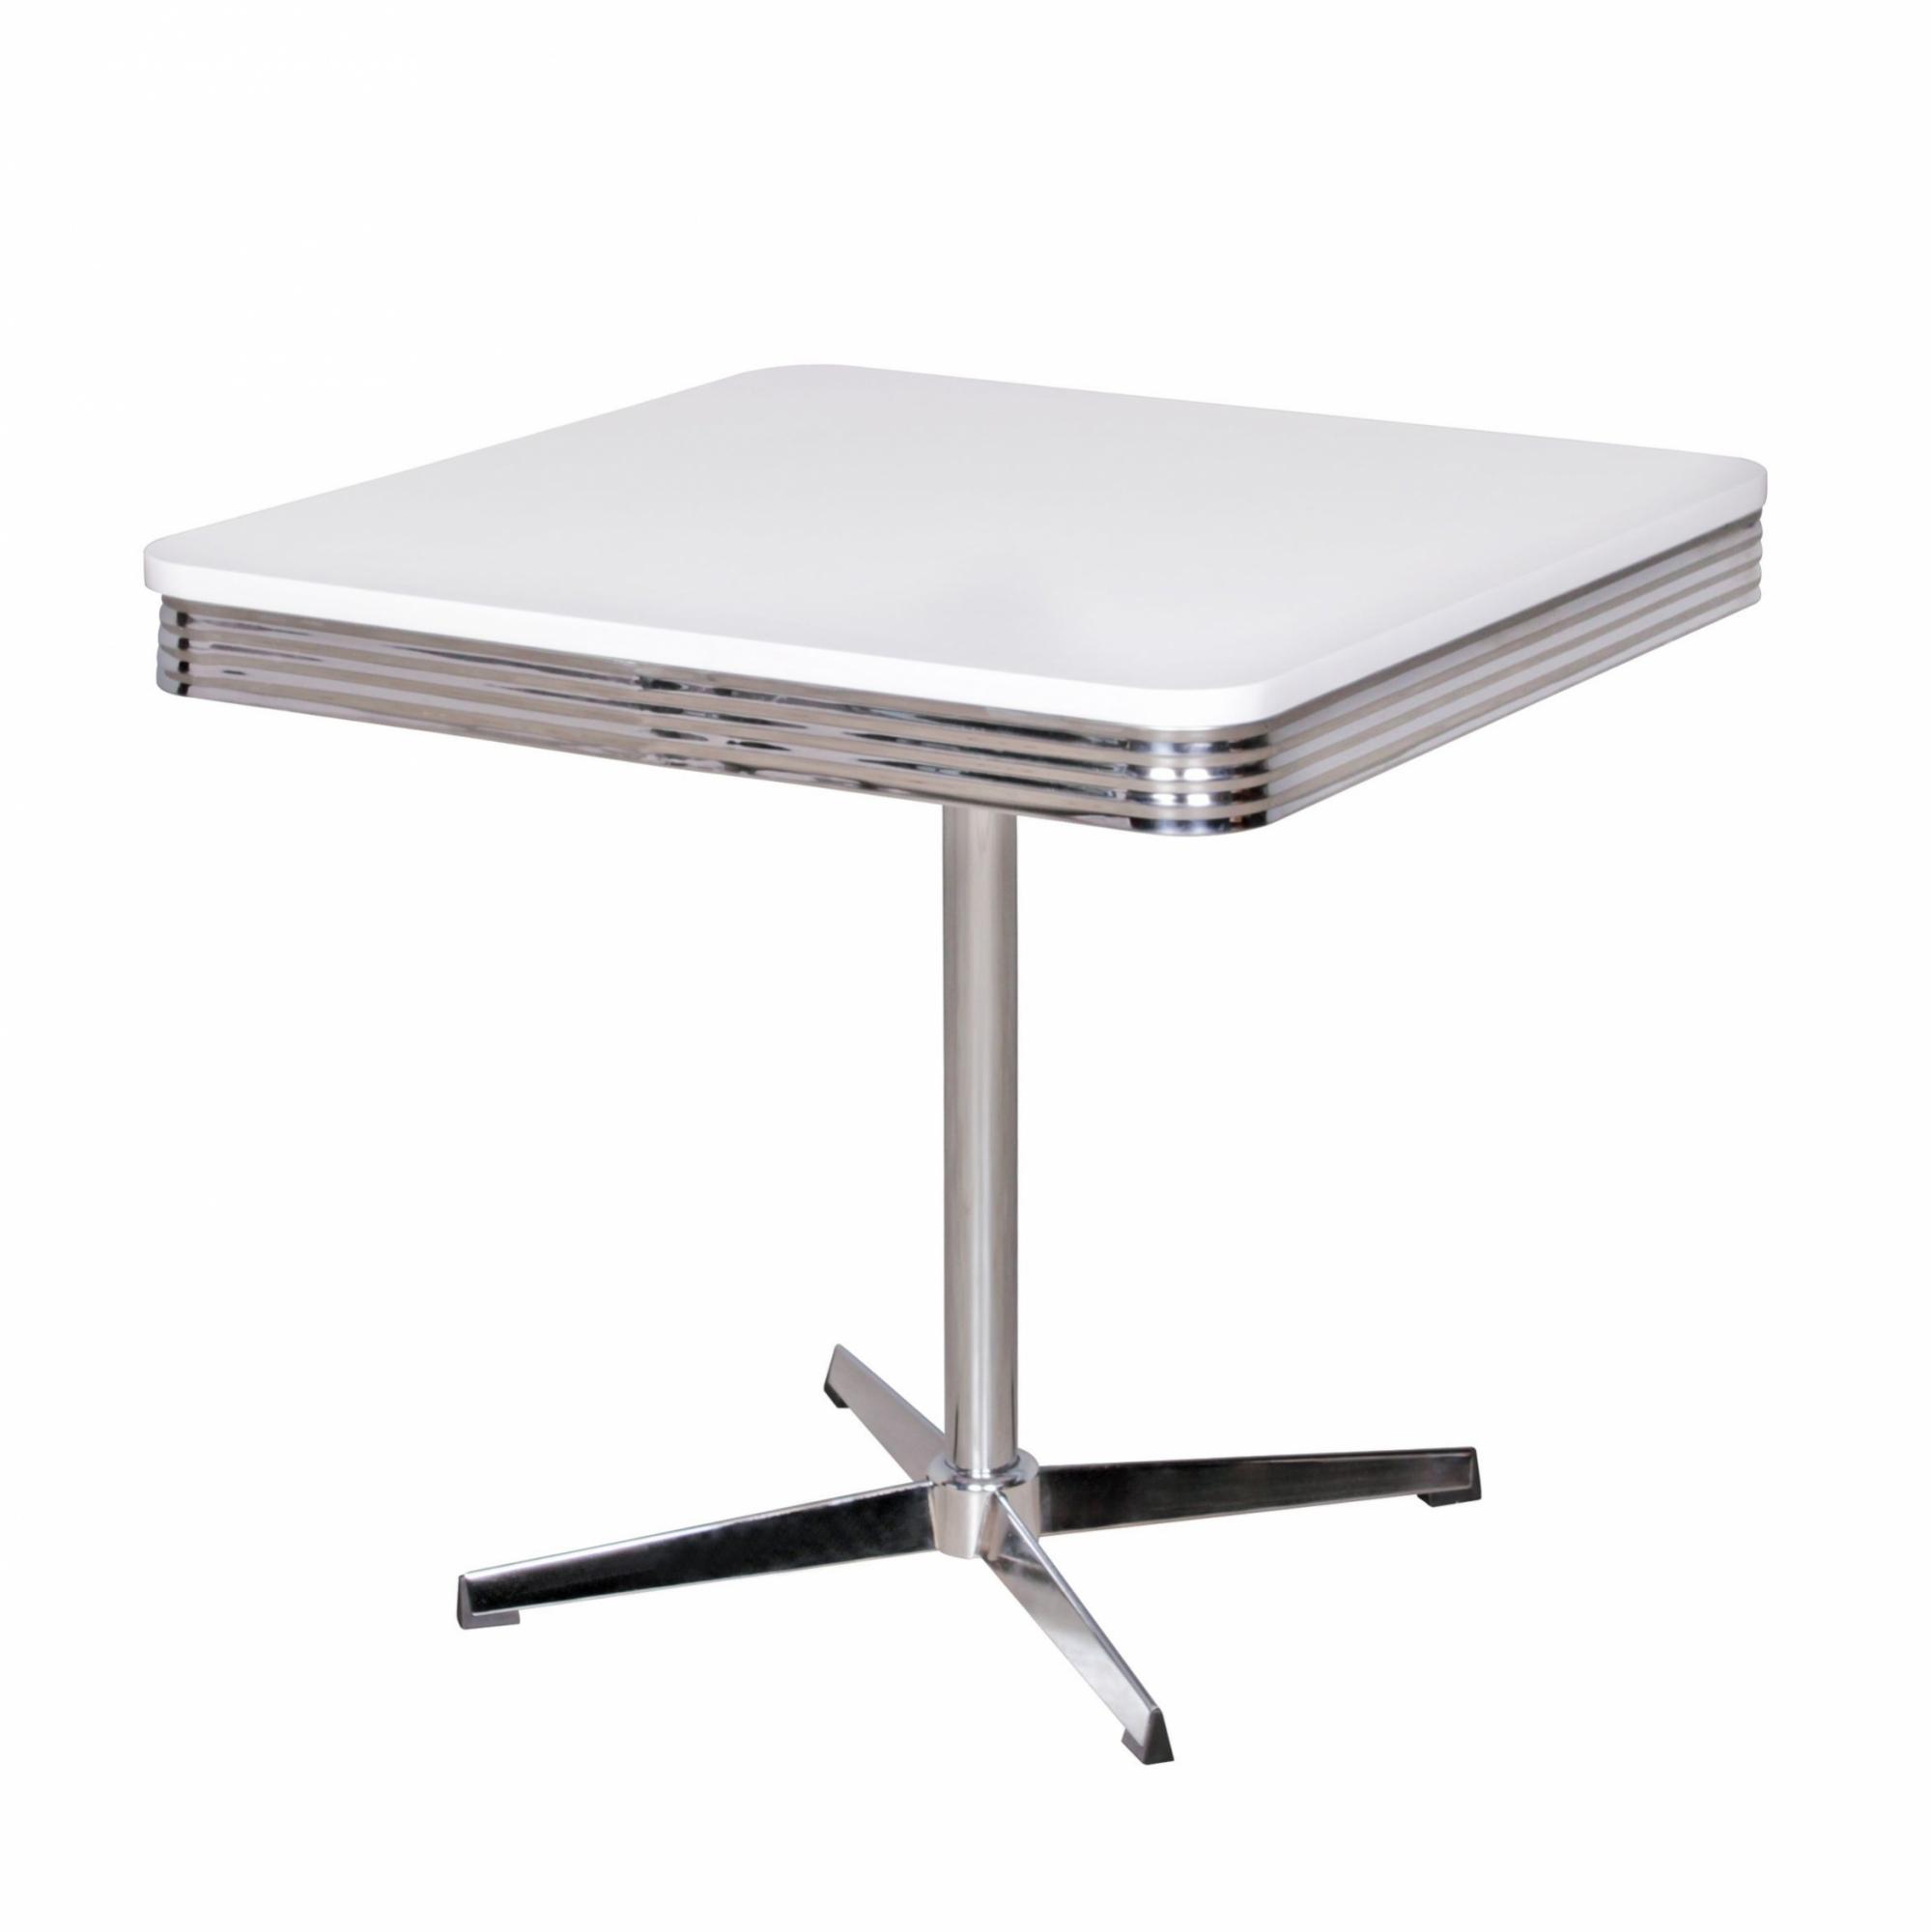 Jídelní stůl Elvis, 80 cm, bílá